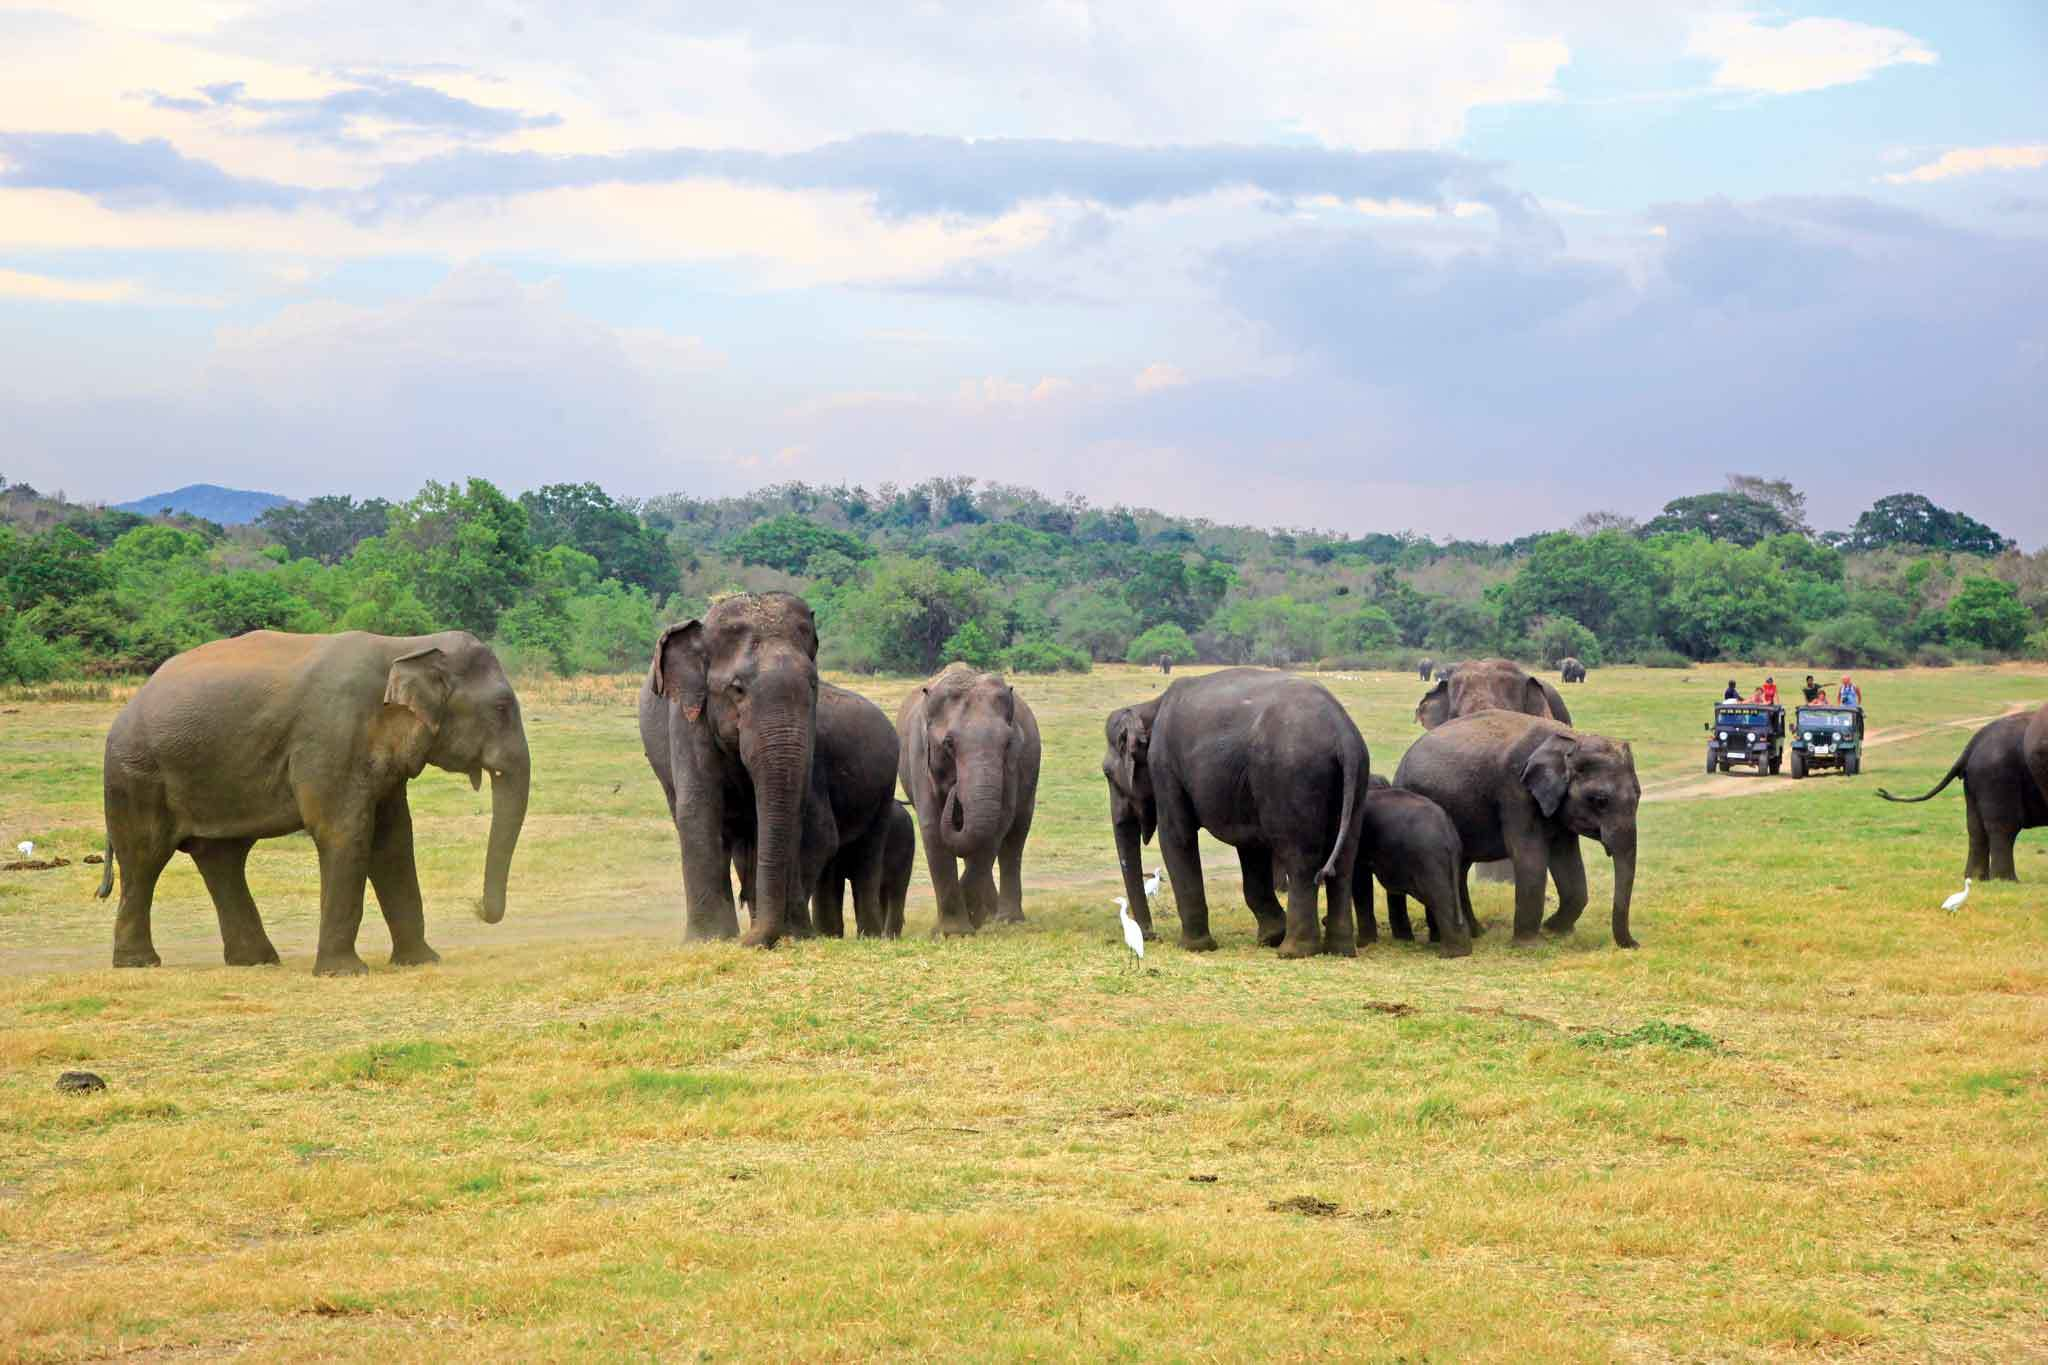 Watch elephants frolic in Minneriya